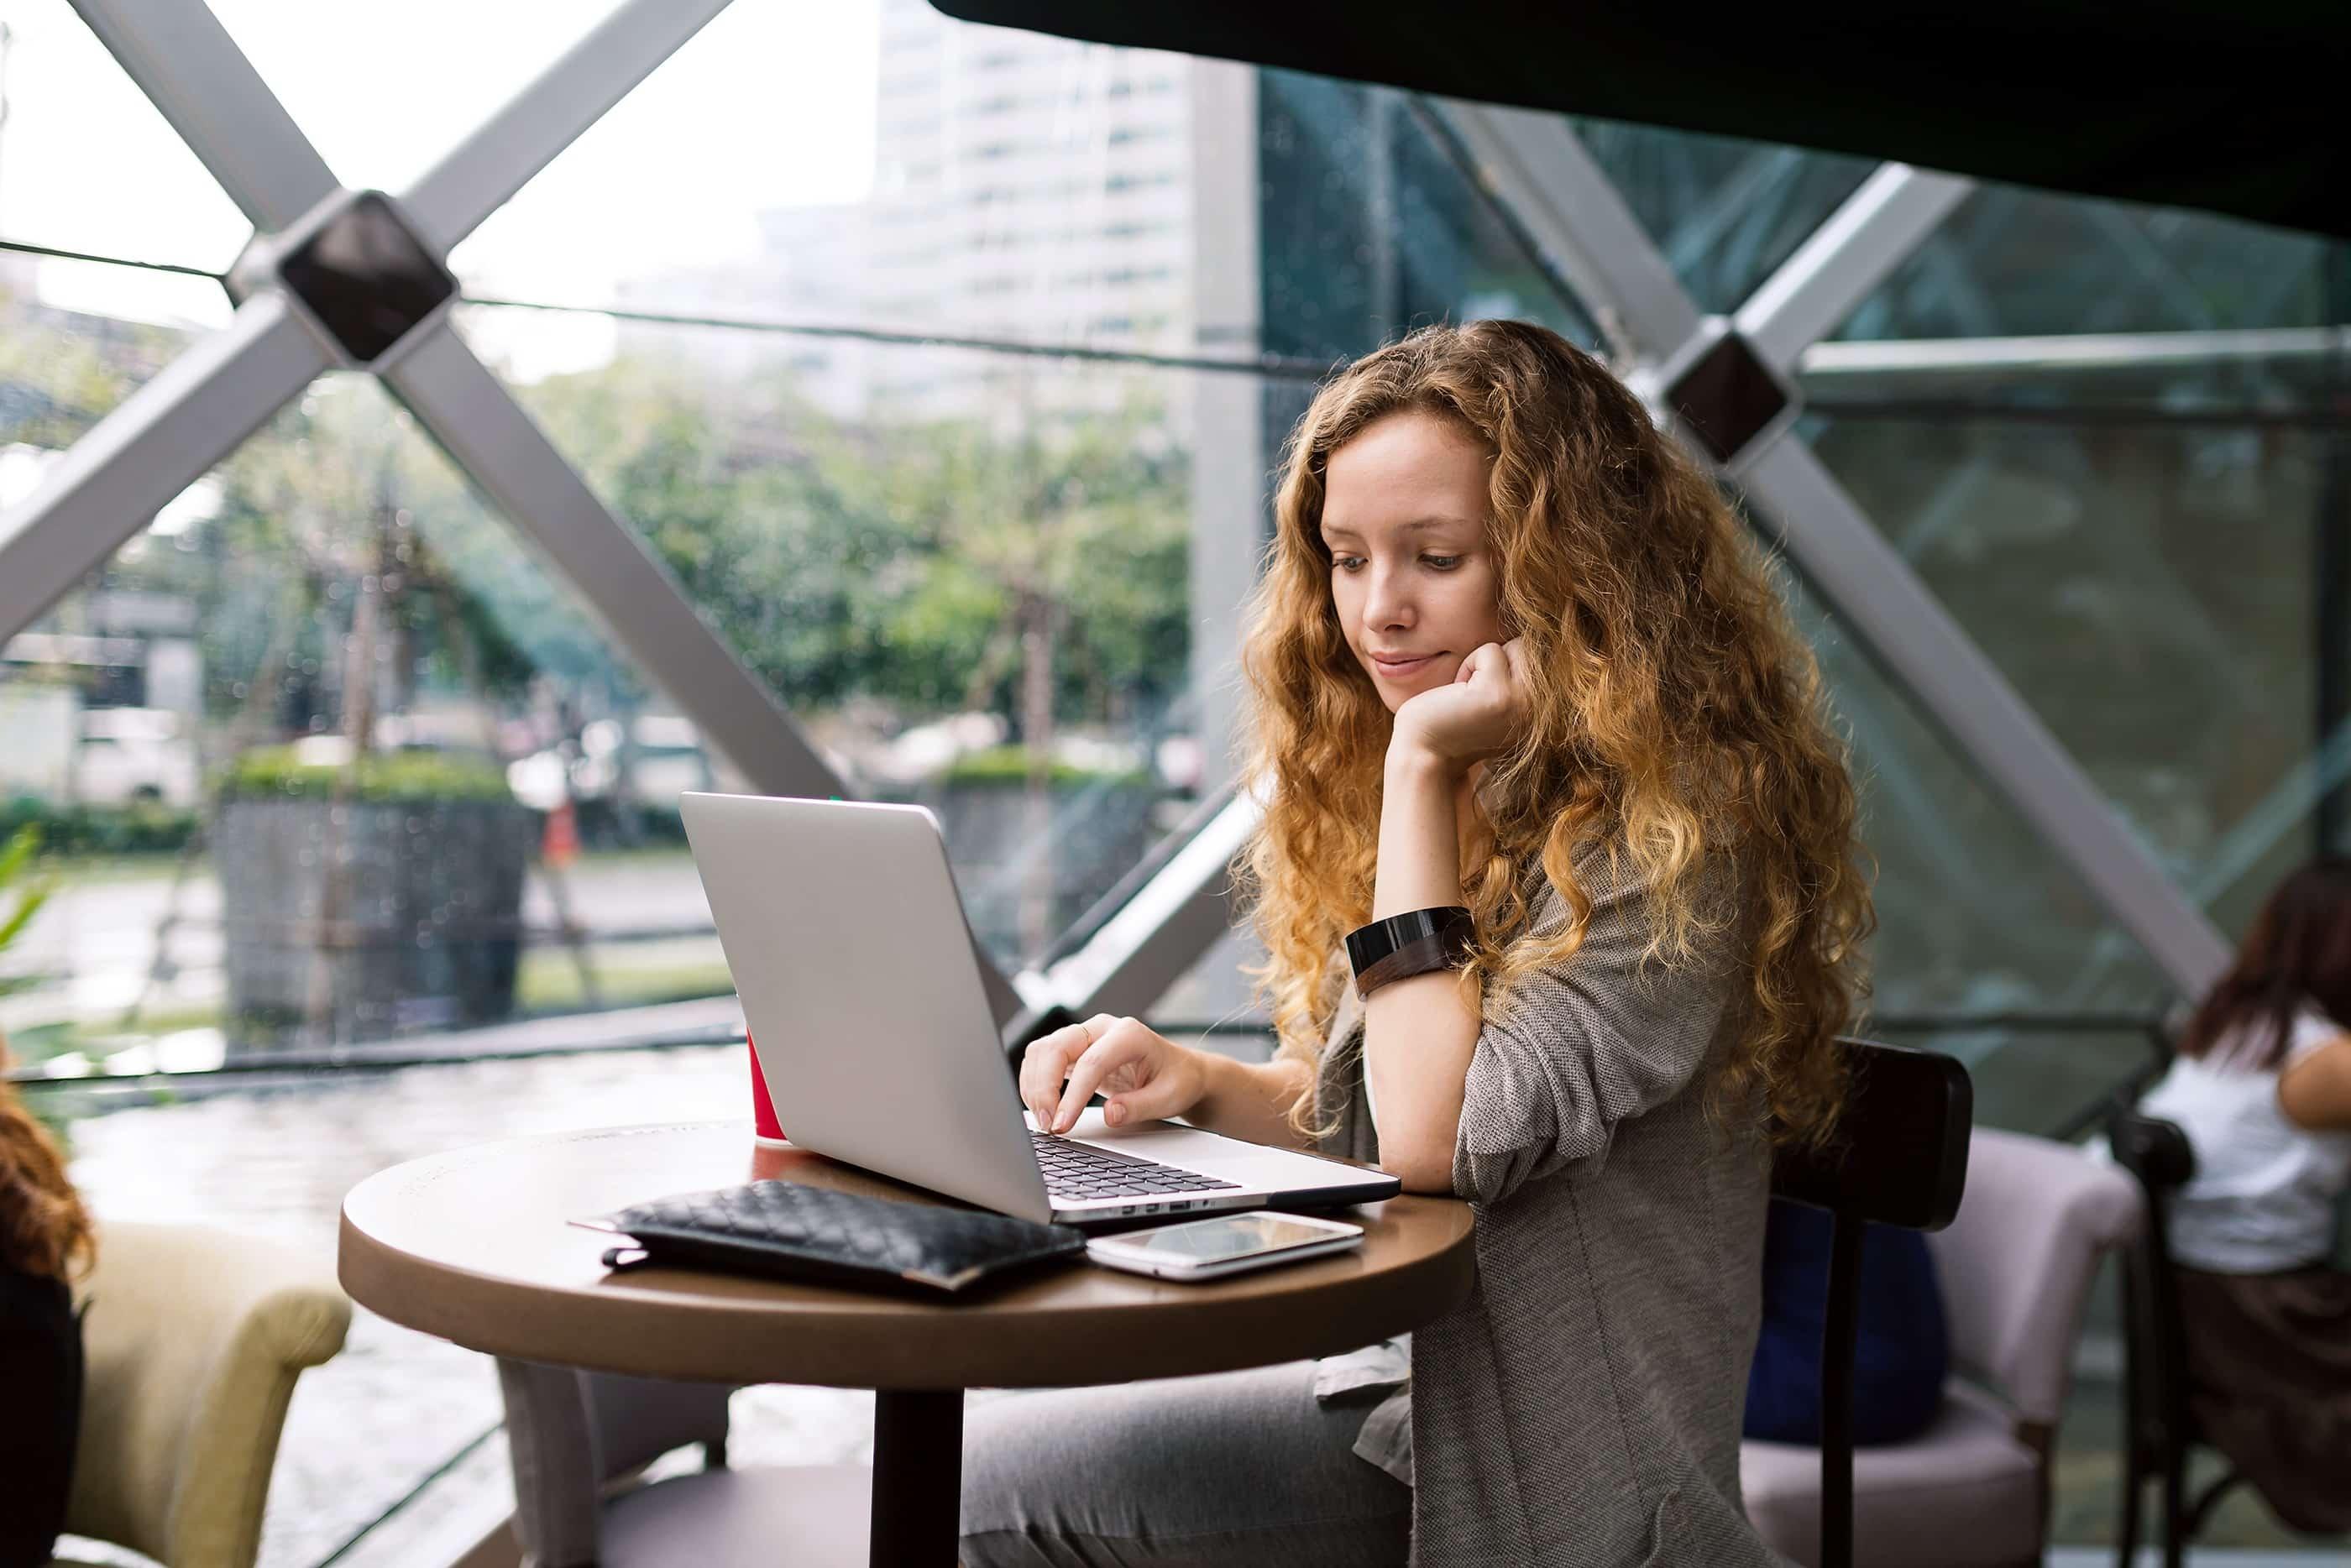 Mulher usando MacBook numa cafeteria